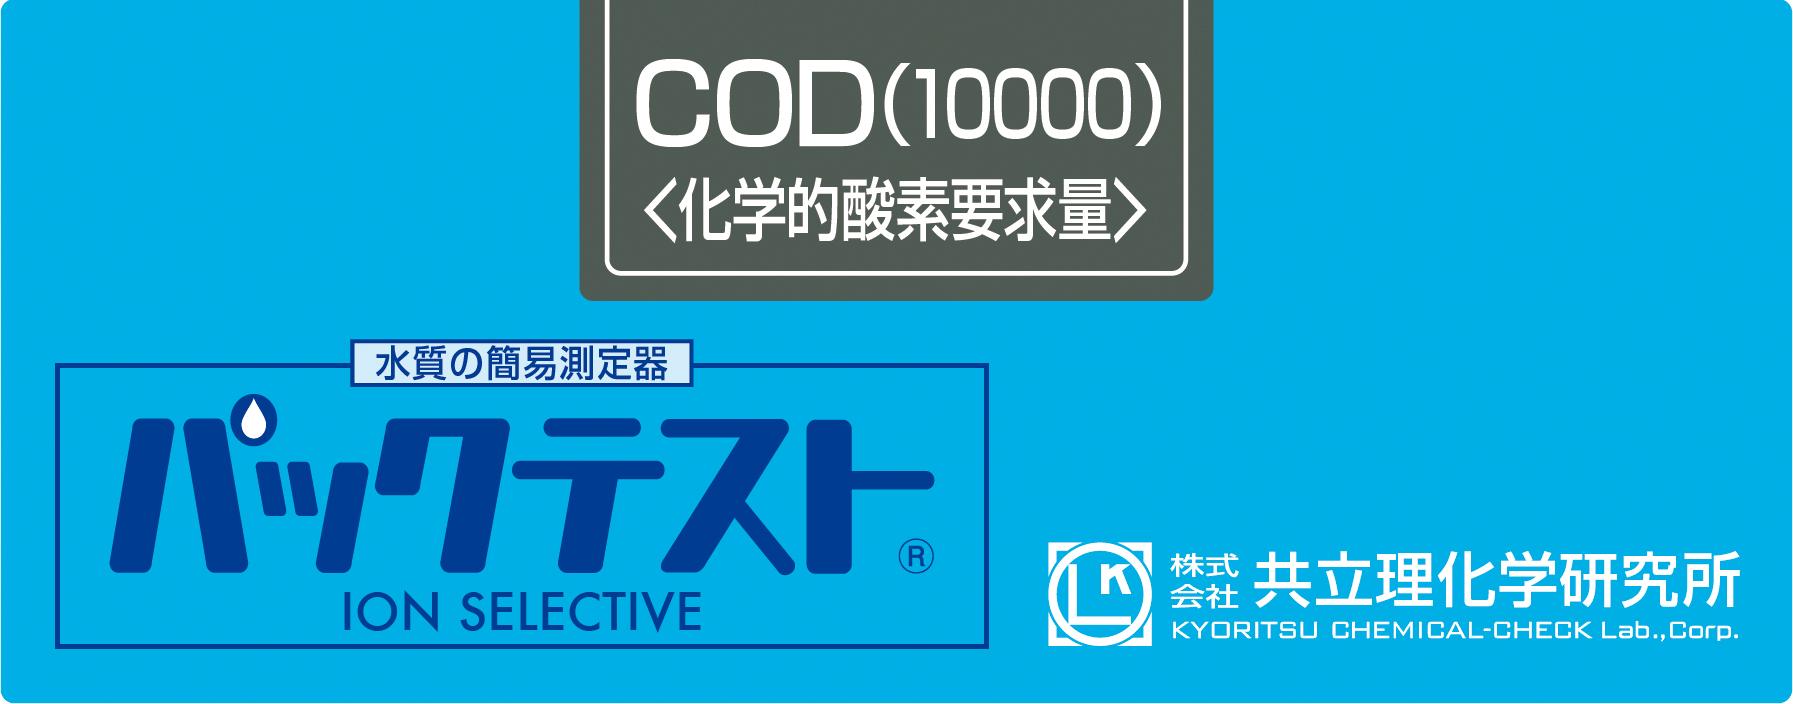 パックテスト COD(10000)